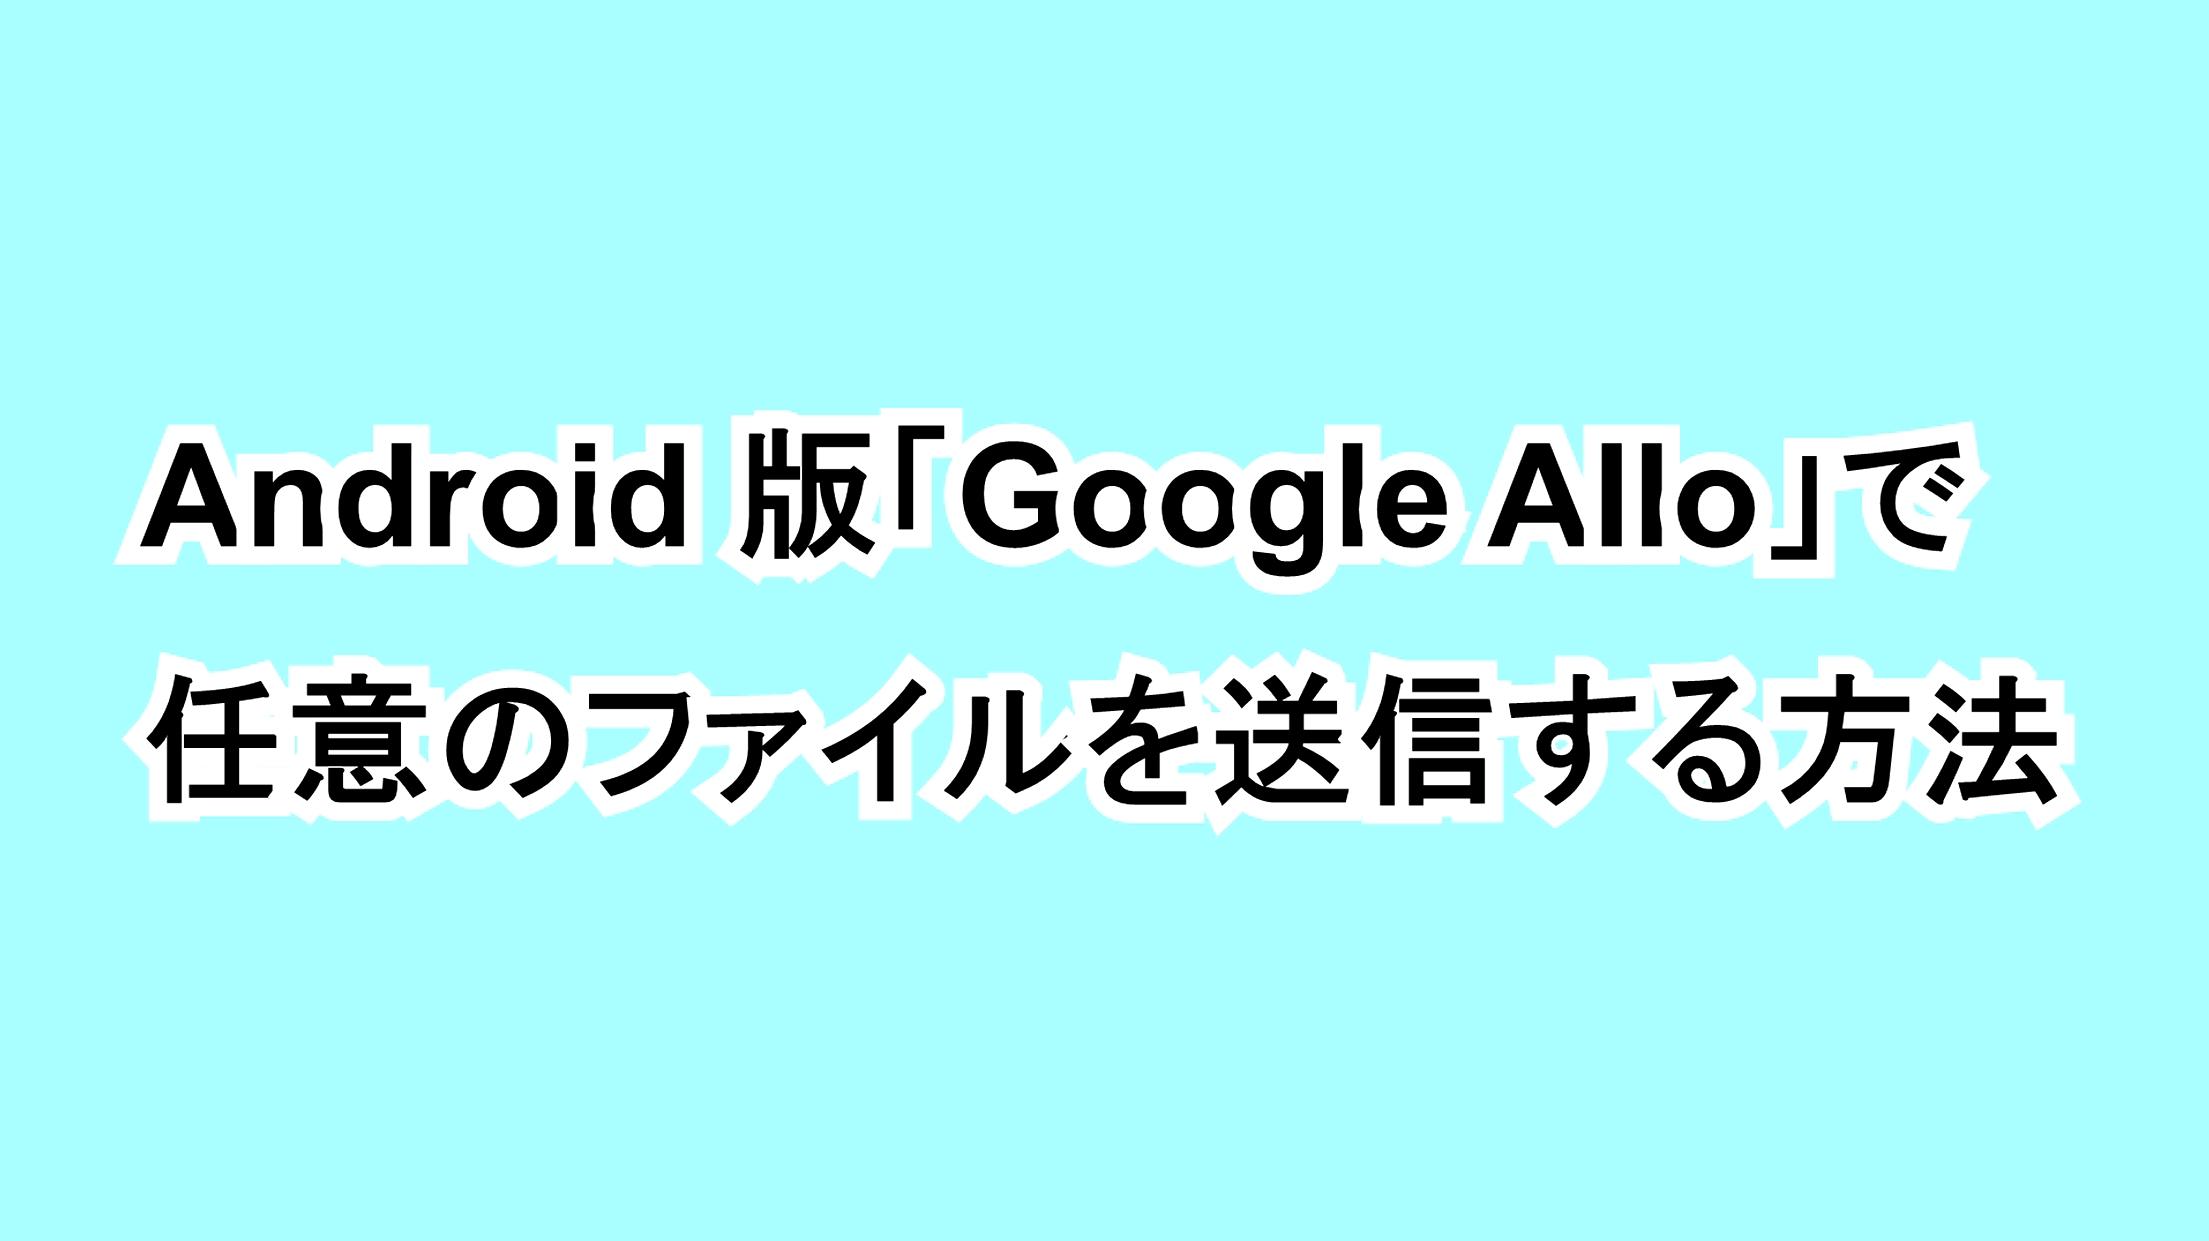 Android版「Google Allo」で任意のファイルを送信する方法